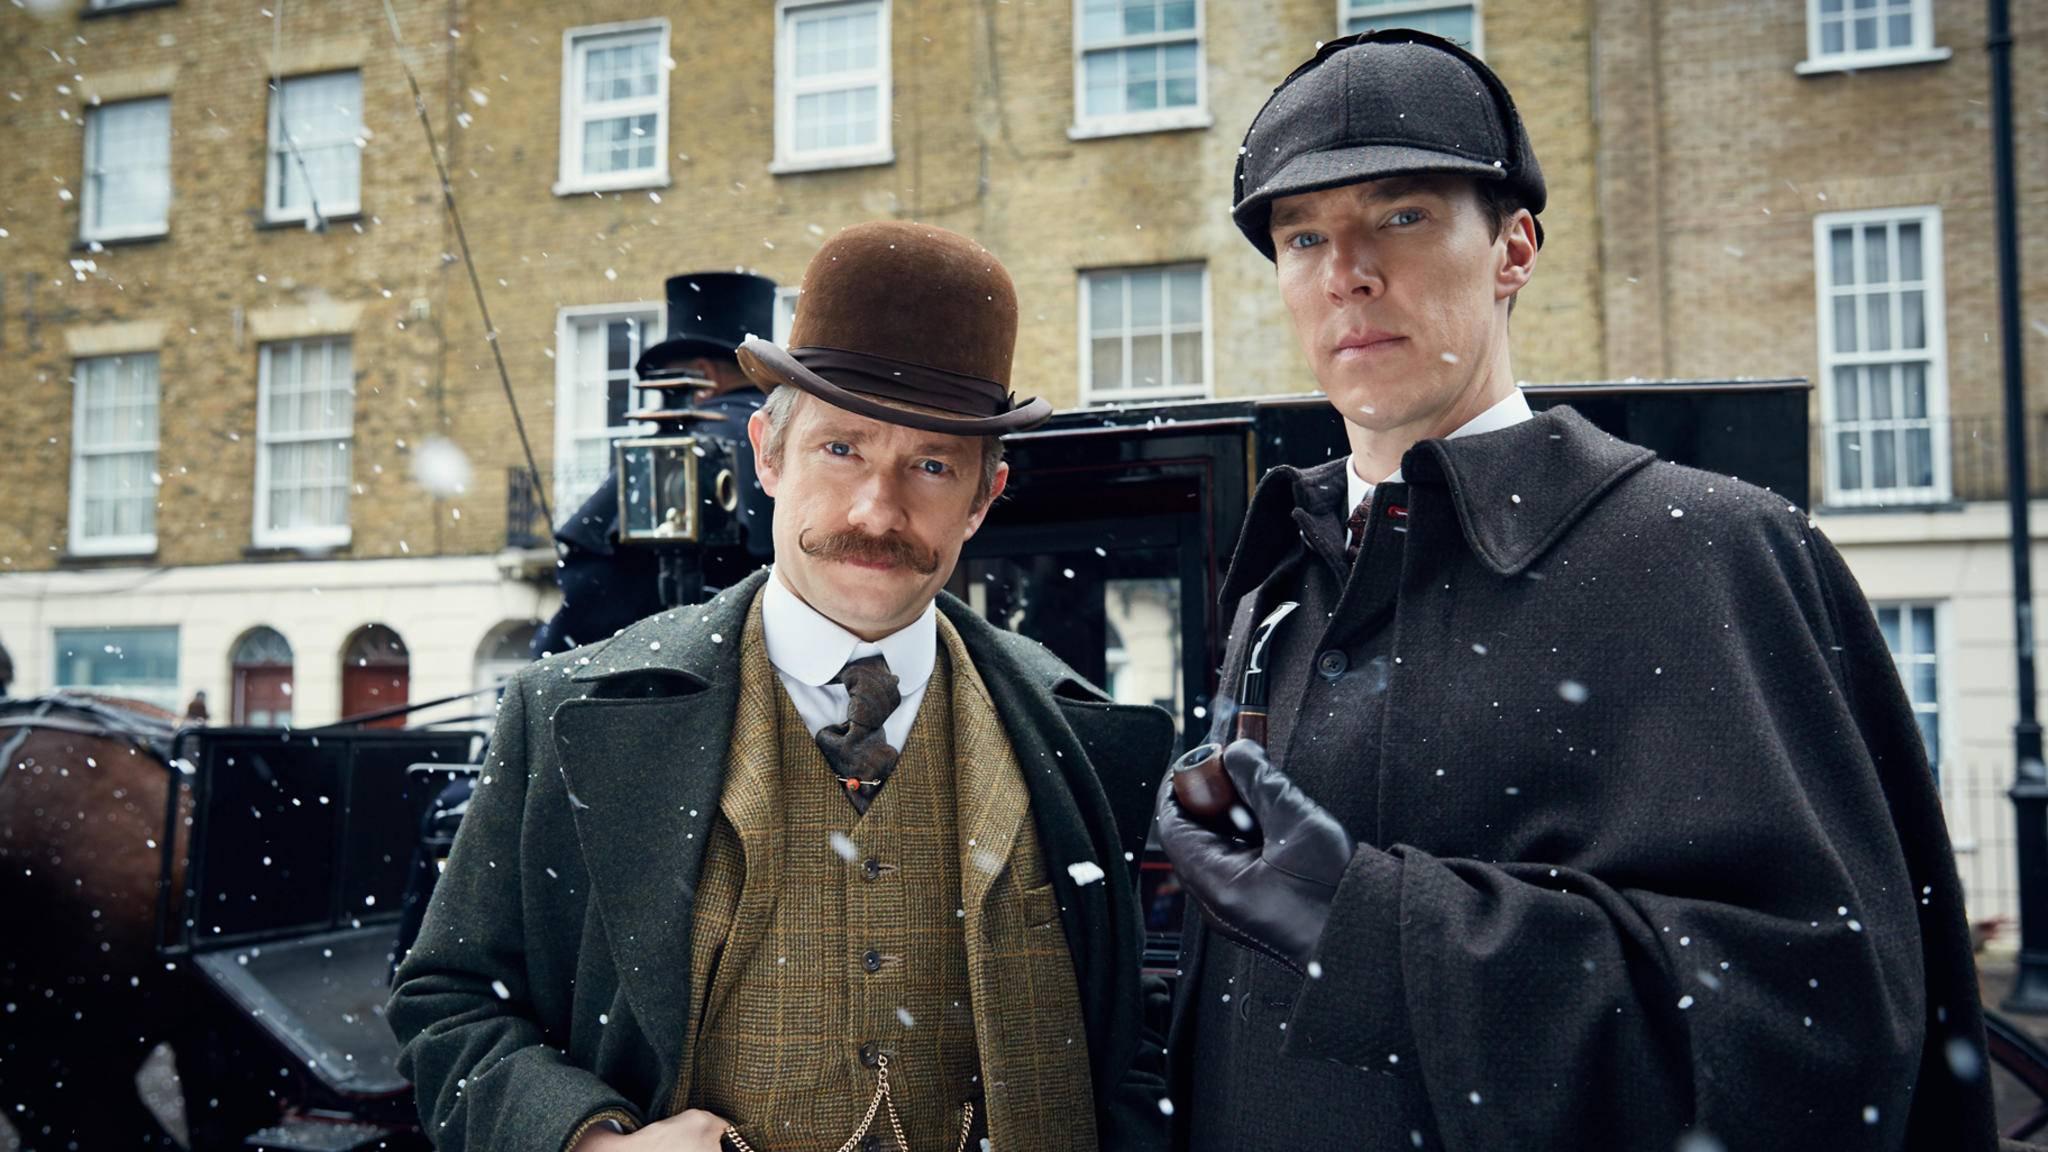 """Die Geschichten rund um den Meisterdetektiv sind im viktorianischen Zeitalter angesiedelt – wie auch eine Sonderfolge der Serie """"Sherlock""""."""